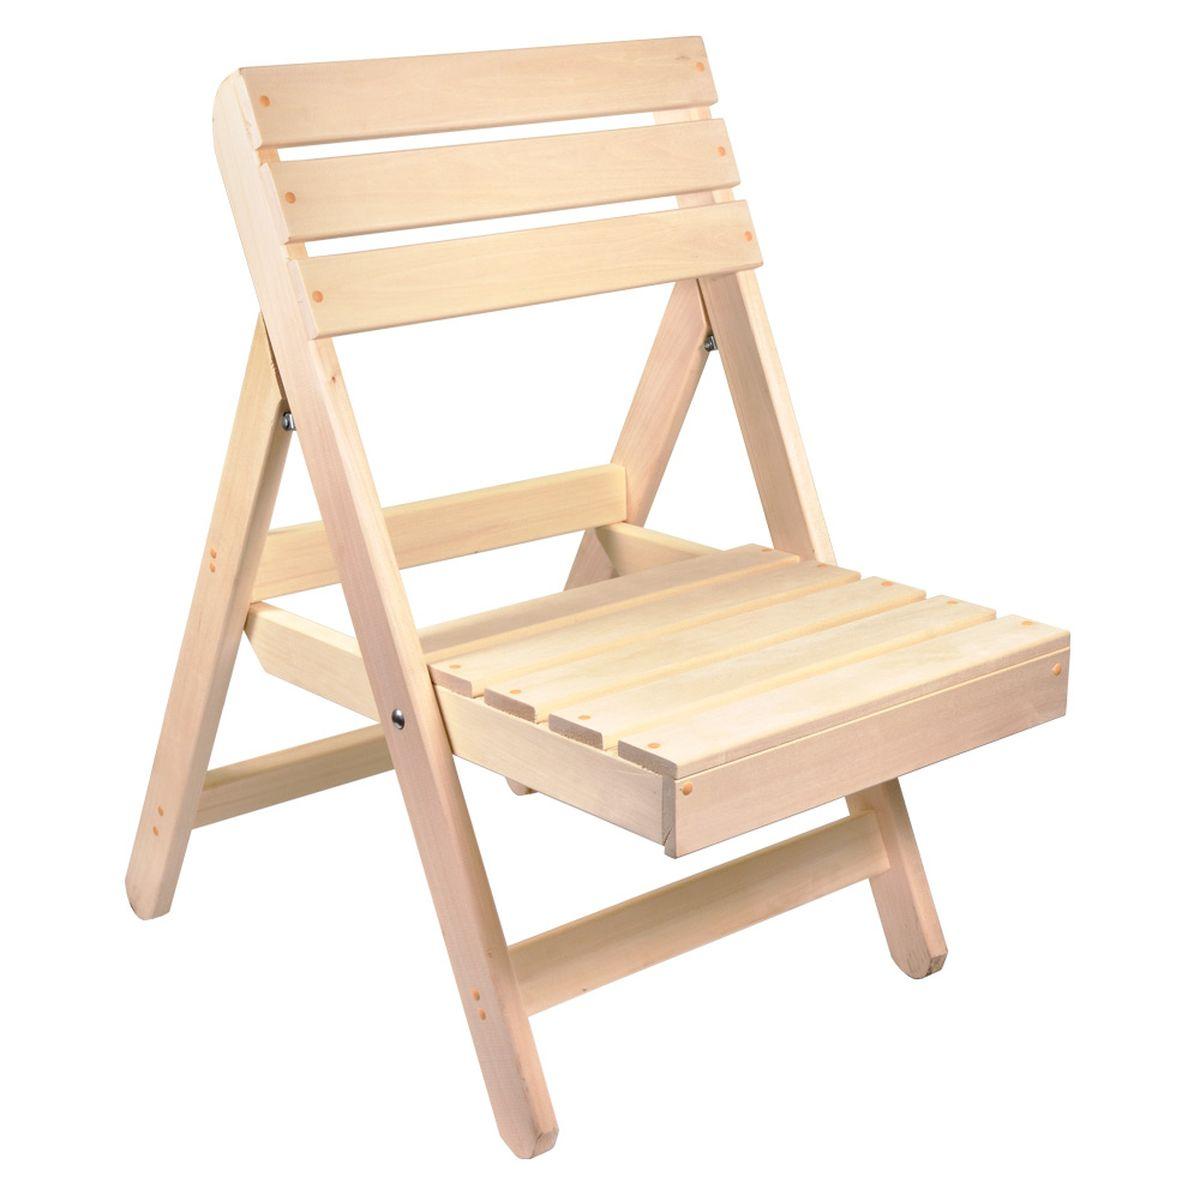 Стул складной Банные штучки, 55 см х 100 см х 41 см2045М/ЗЛ/53Складной стул Банные штучки изготовлен из древесины сосны. Стул достаточно прочен, легко собирается и разбирается и не занимает много места, поэтому подходит для транспортировки и хранения дома. Стул складной Банные штучки сделает банные процедуры более комфортными и приятными, а также украсит интерьер любой бани или сауны, дополнив его русским духом самобытности и частичкой традиционной русской культуры благодаря своей универсальной конструкции.